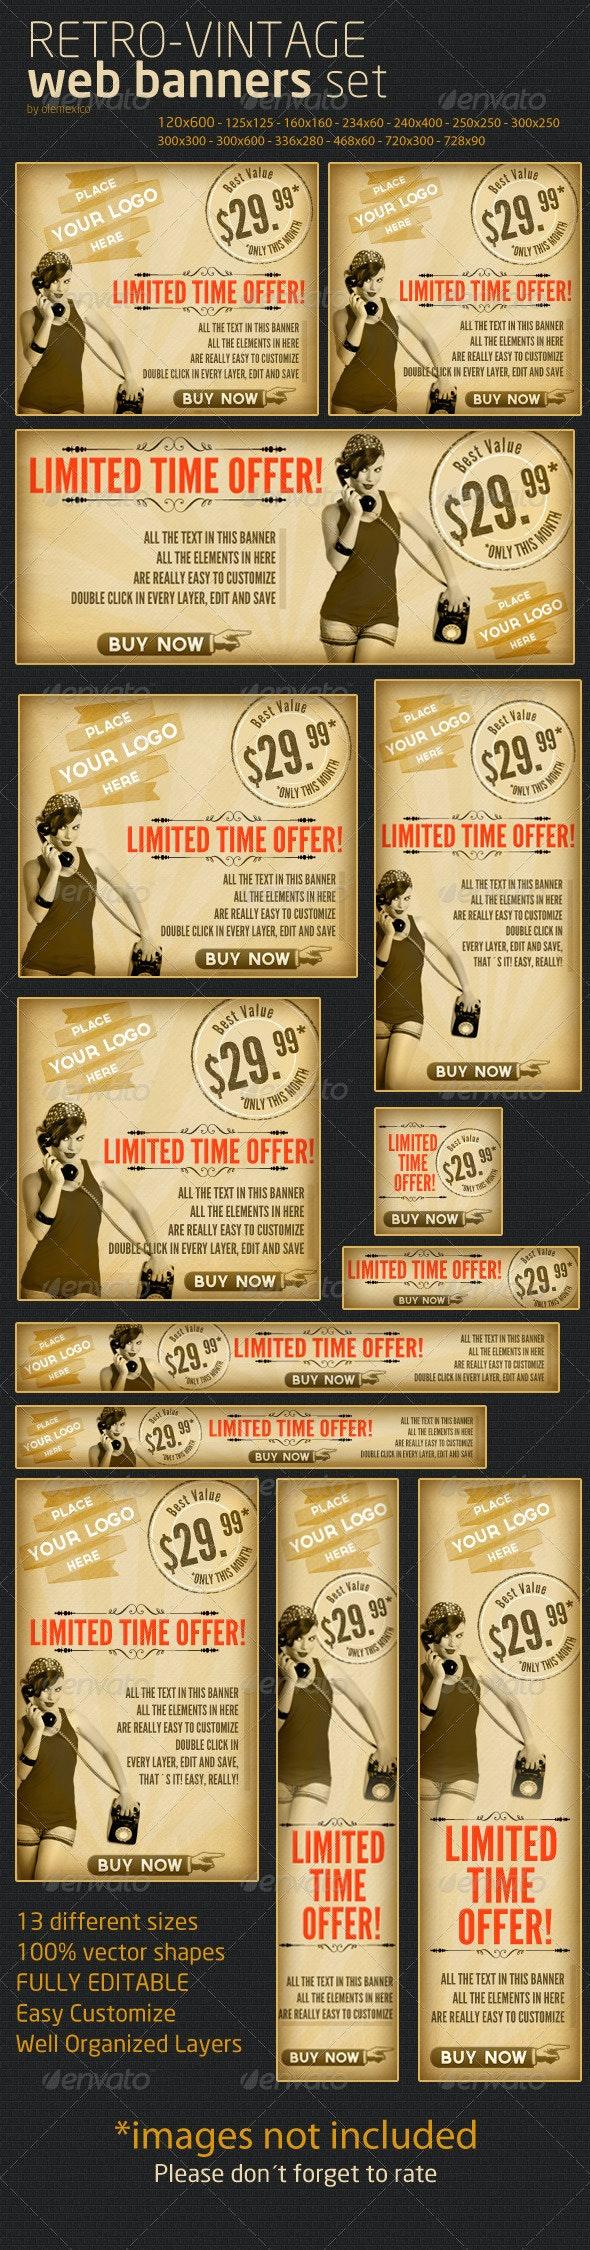 Web Banners - Retro-Vintage Set - Banners & Ads Web Elements